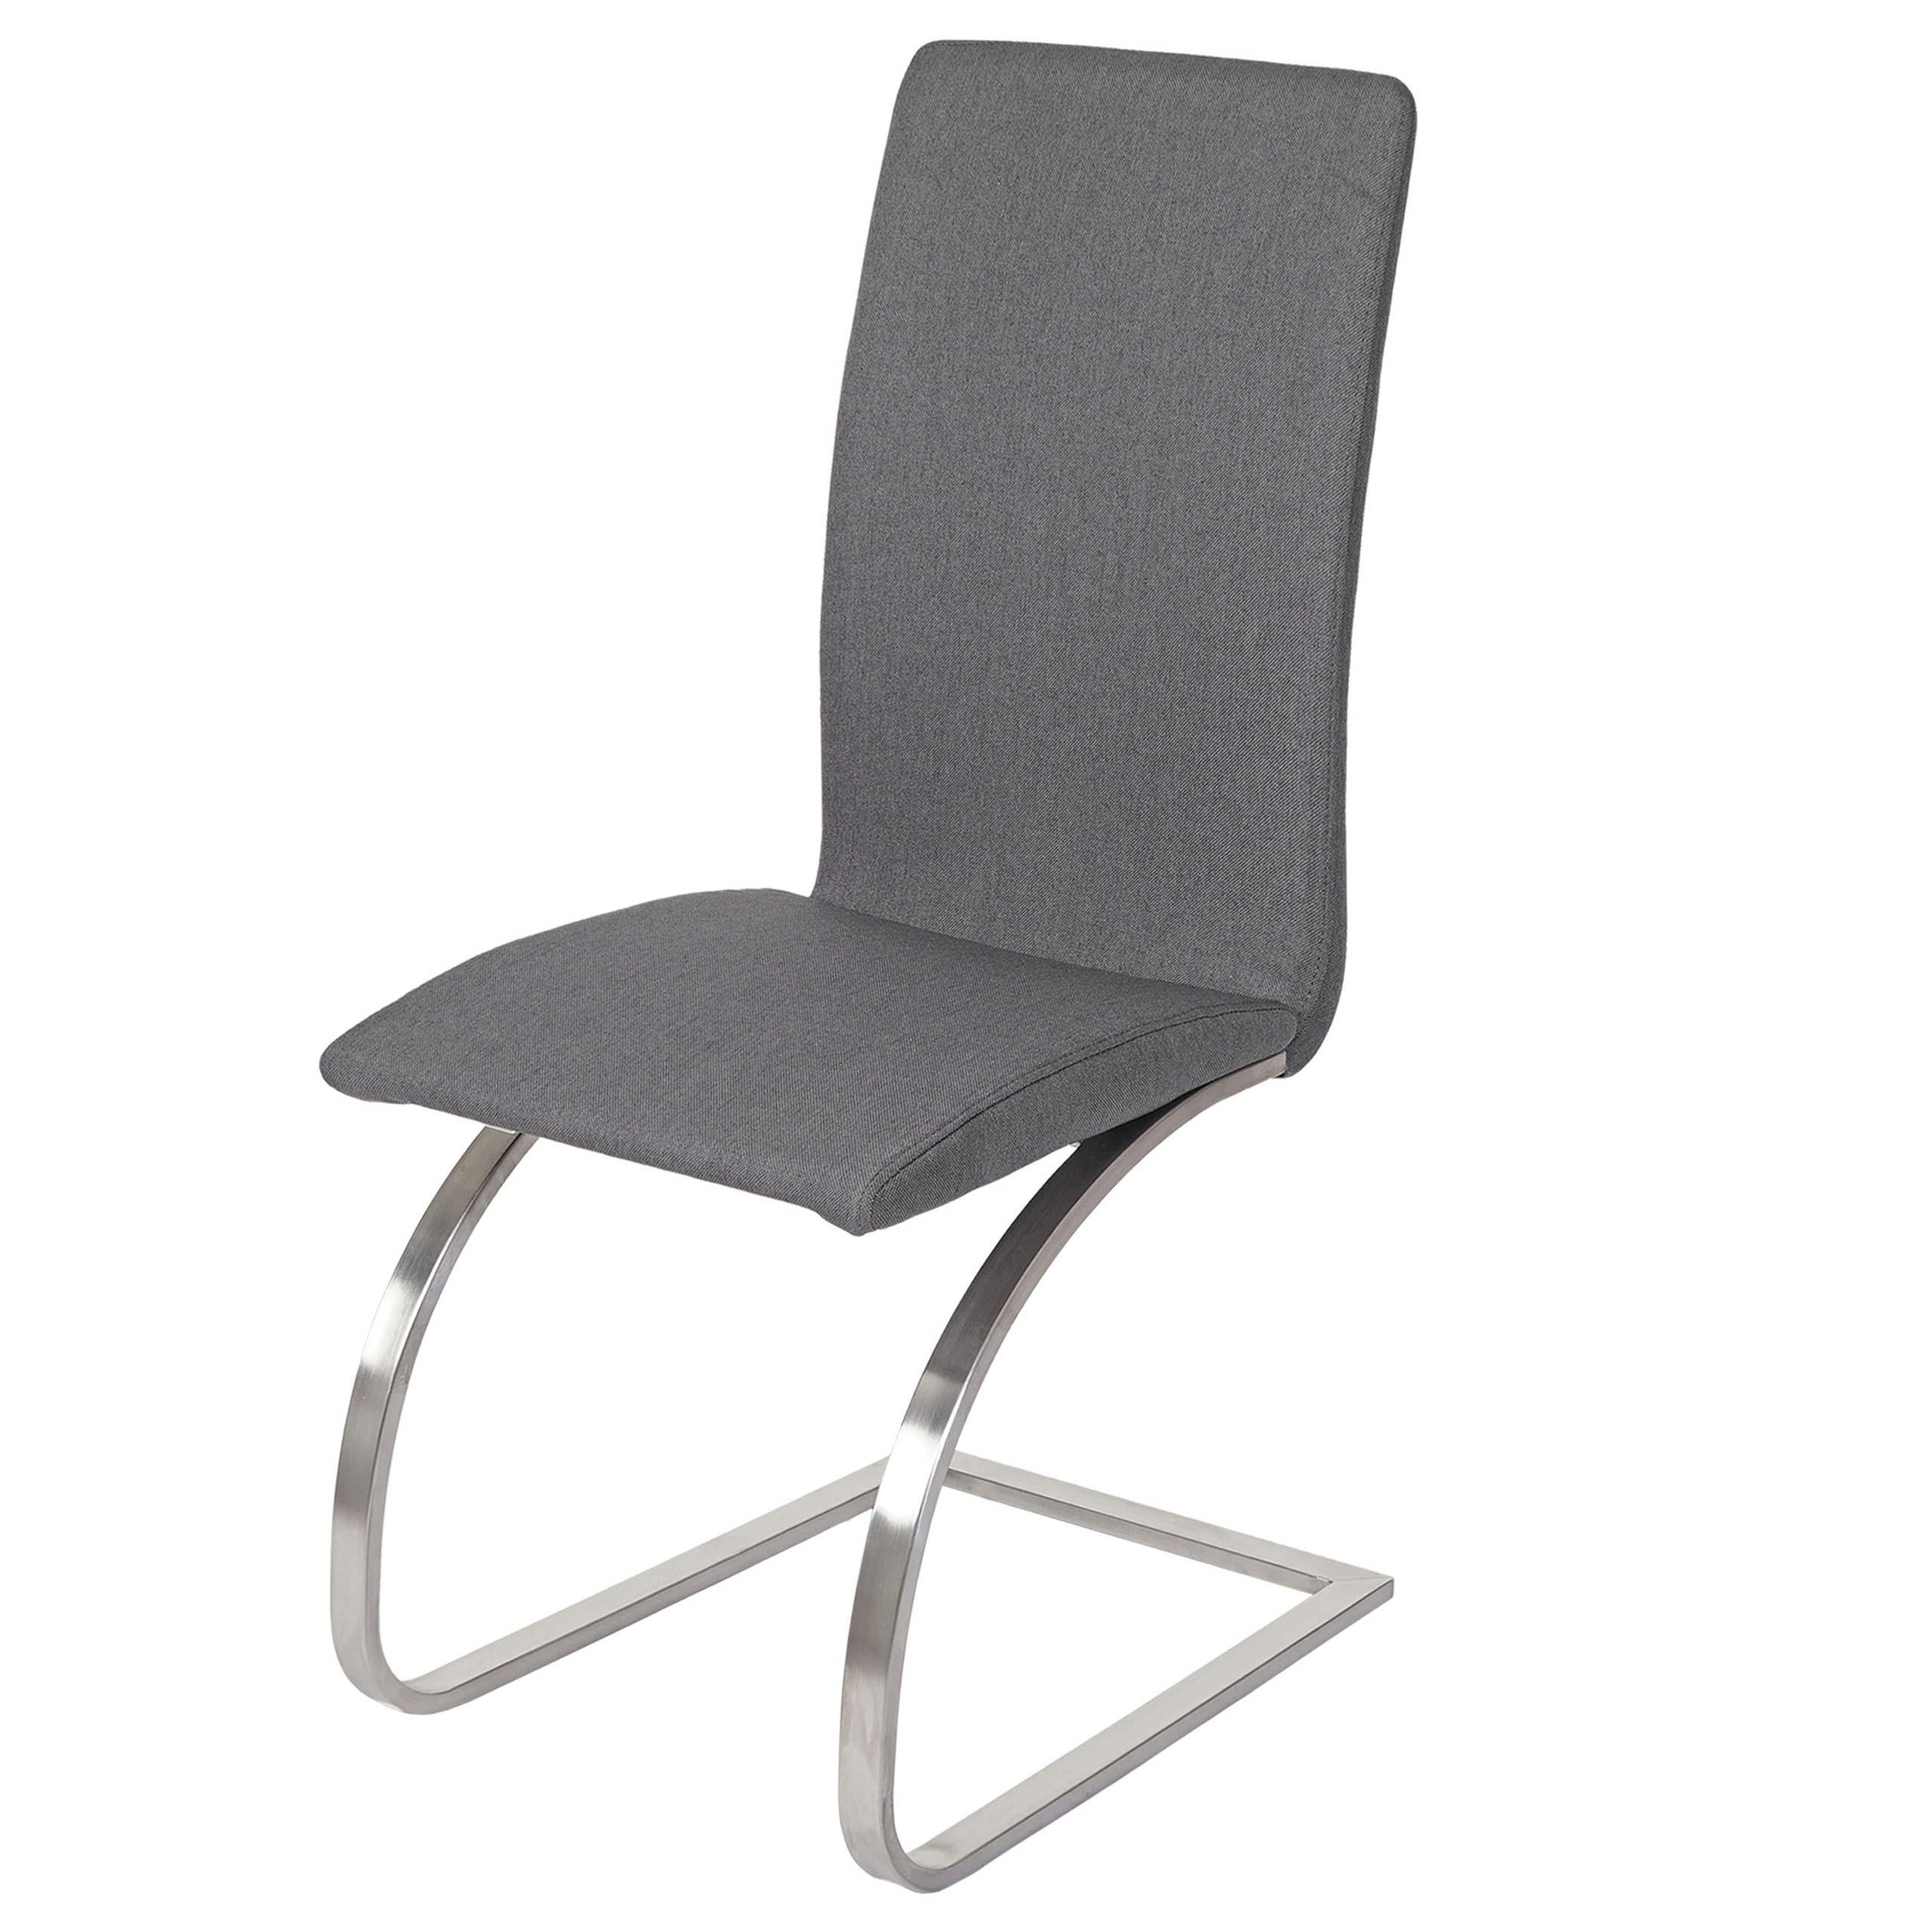 Détails sur 2x chaise de salle à manger Nord, chaise cantilever, fauteuil, tissu, gris